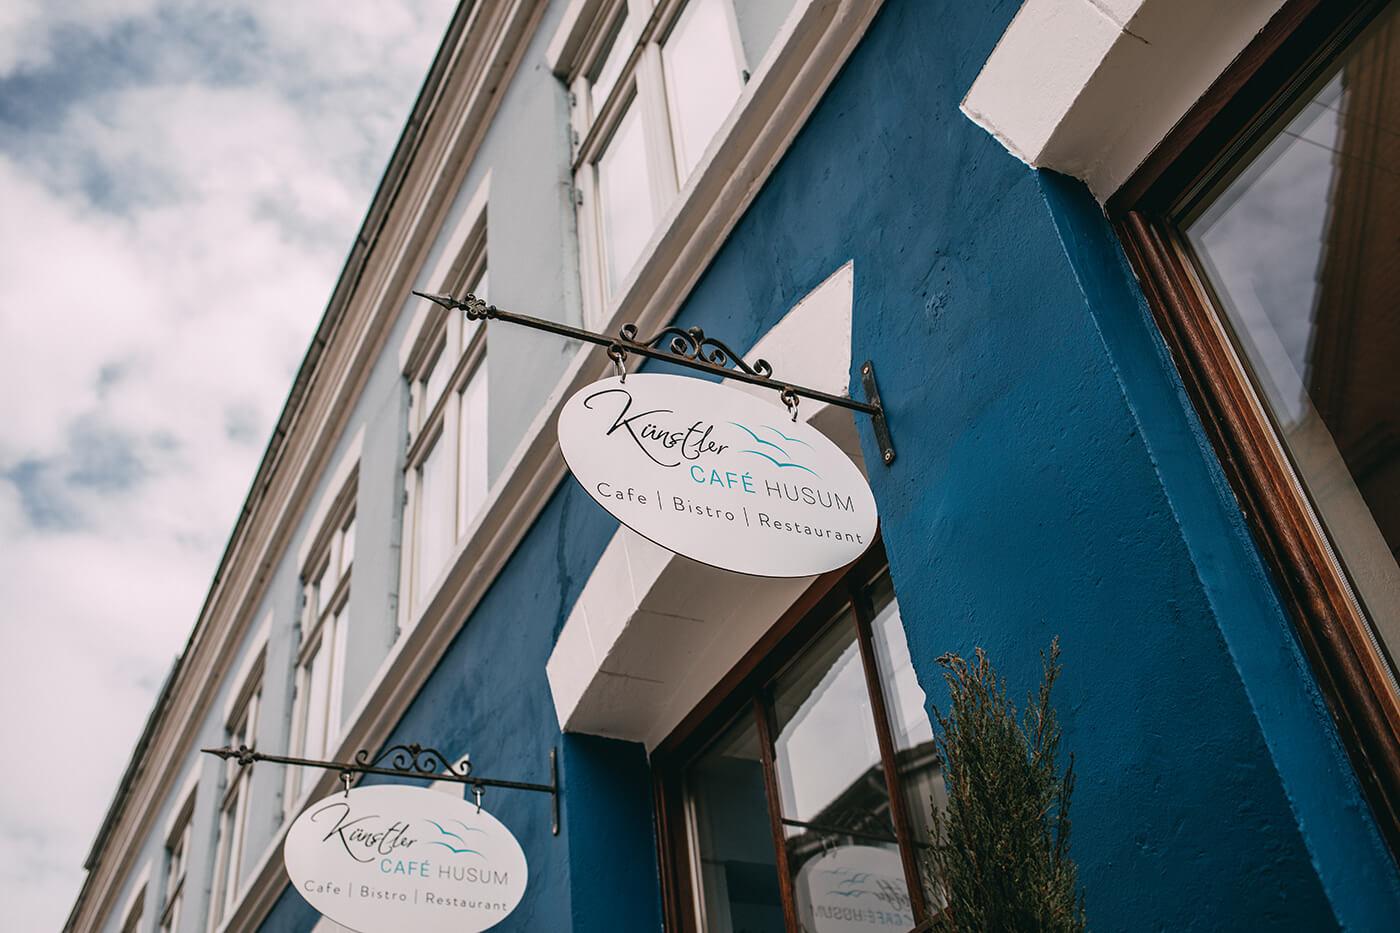 Künstlercafé Husum; Außenaufnahme Schild